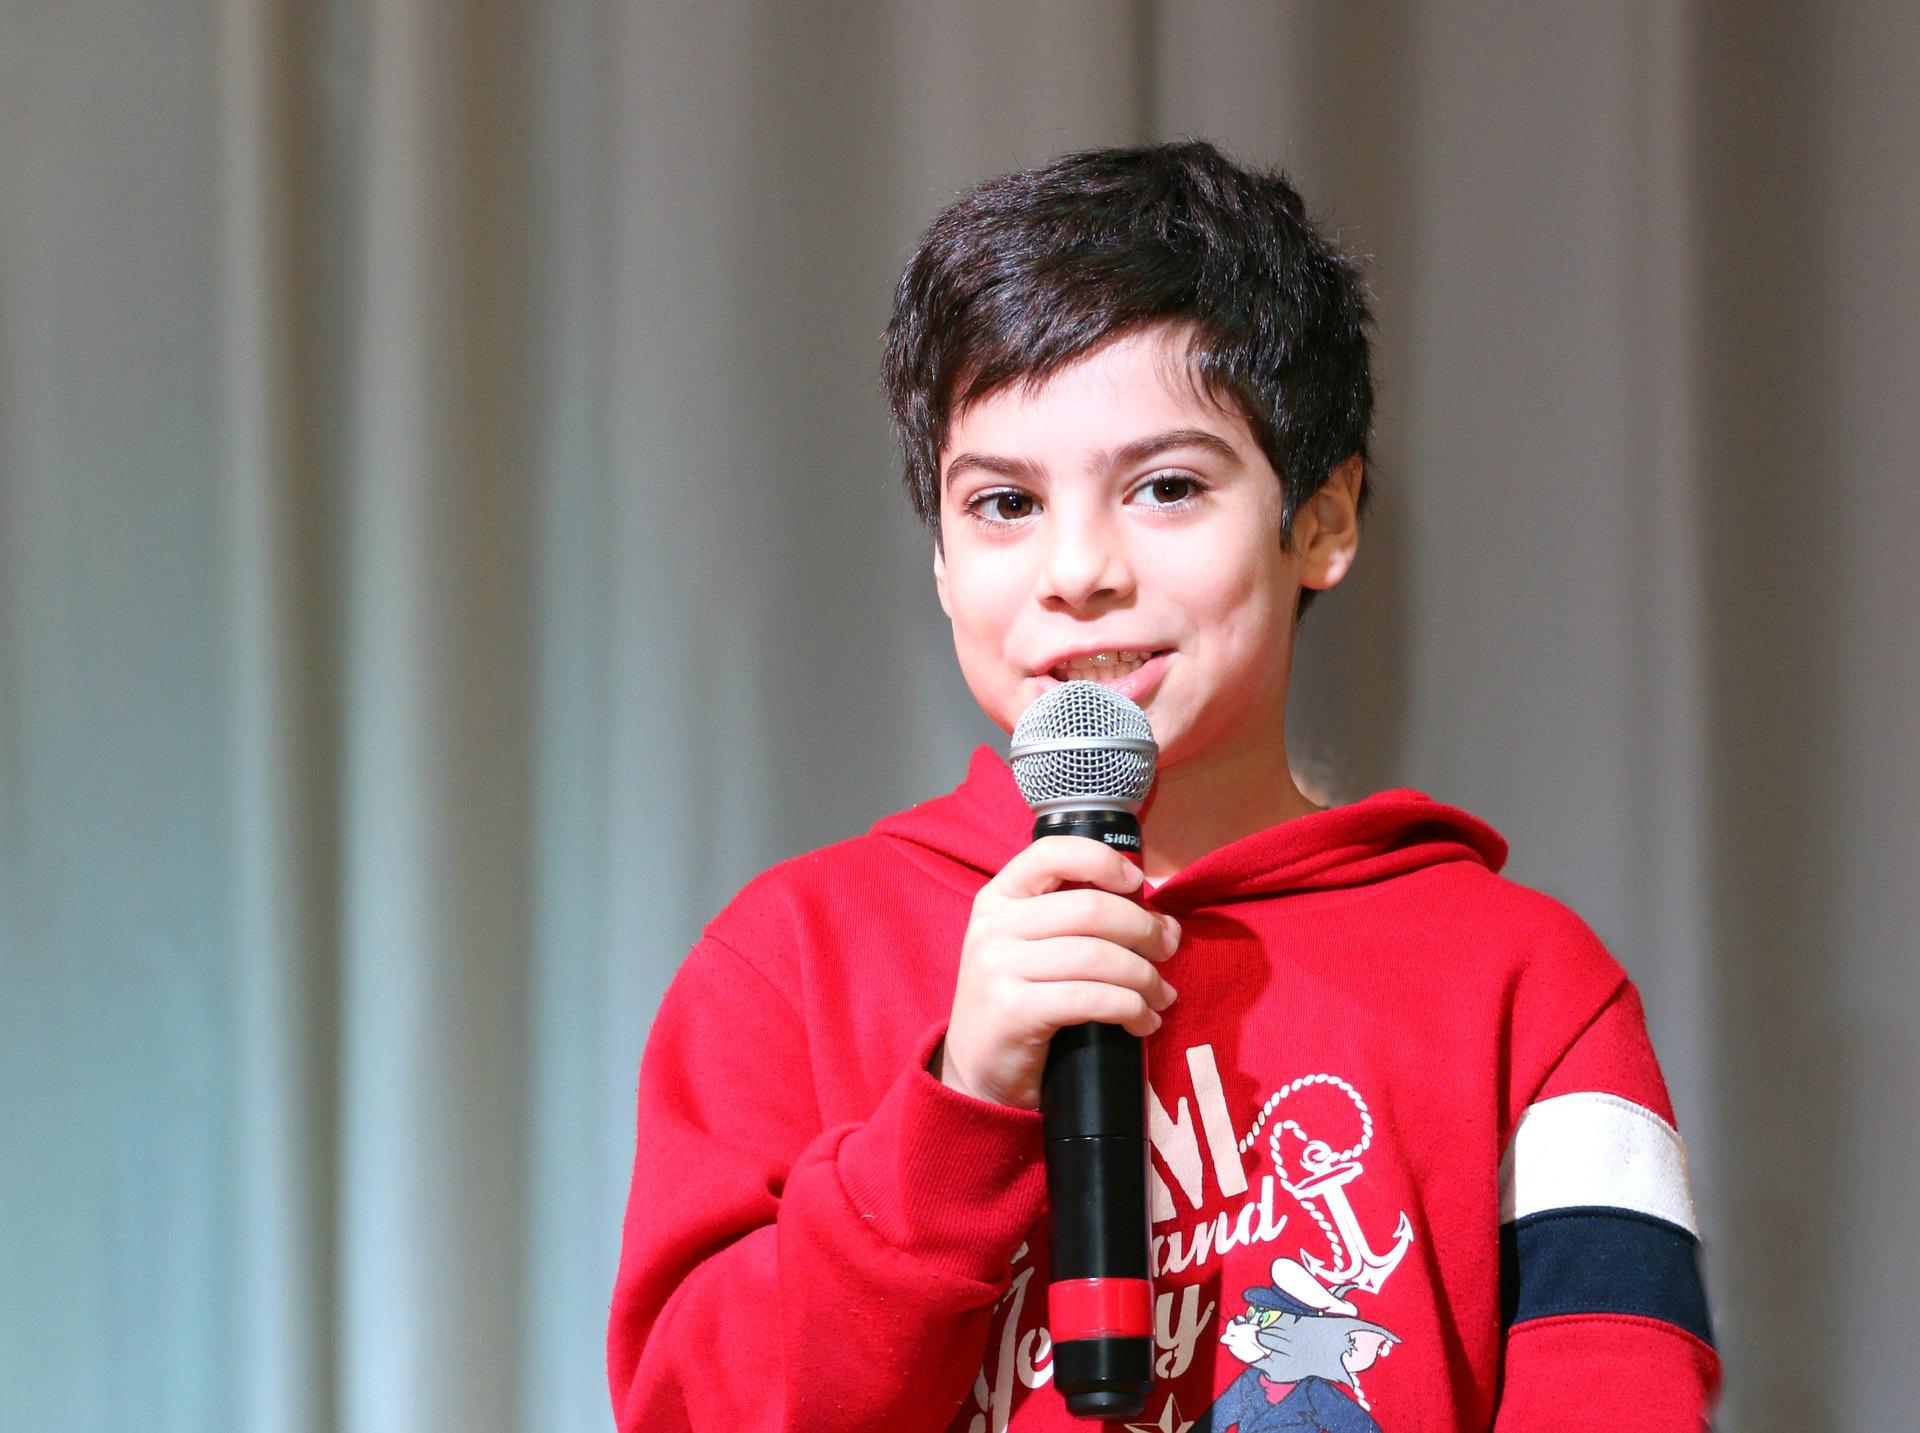 Sprechtraining für Kinder in Wien